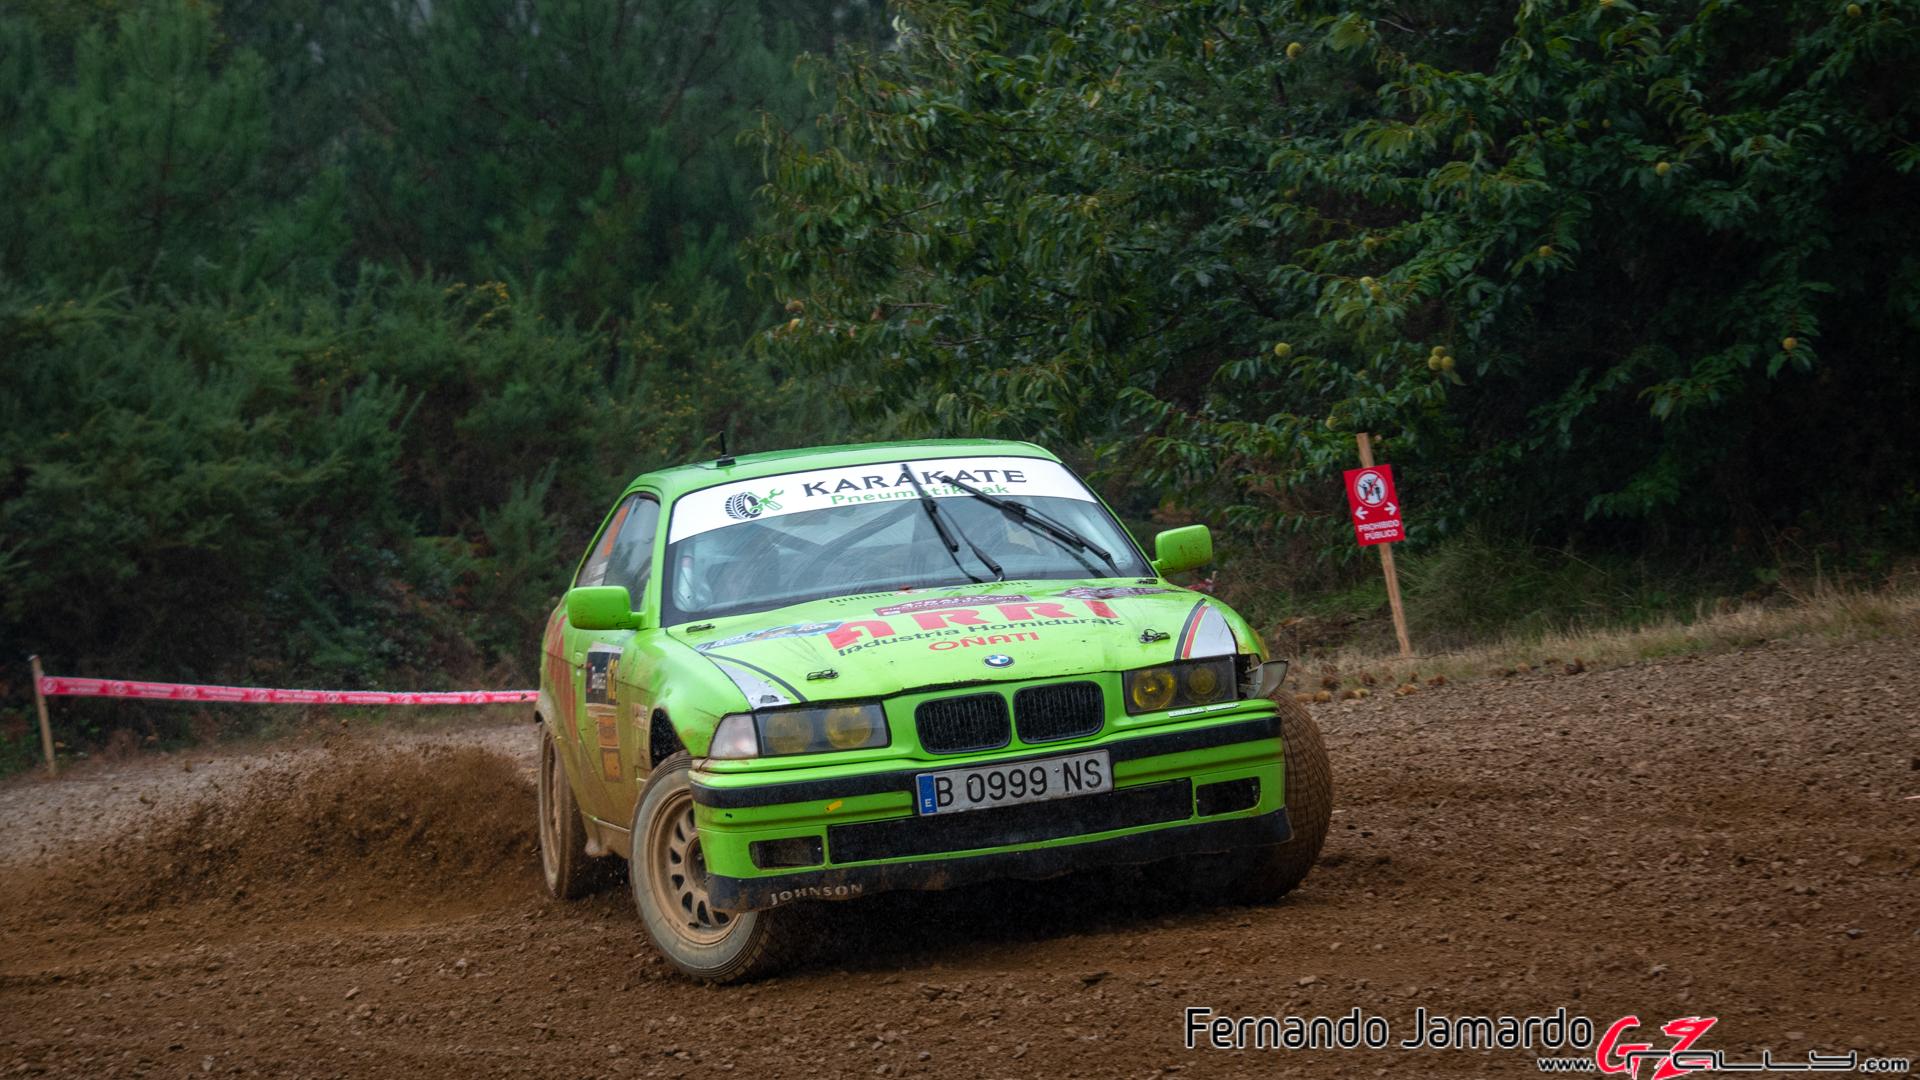 Rally Terra da Auga 2020 - Fernando Jamardo